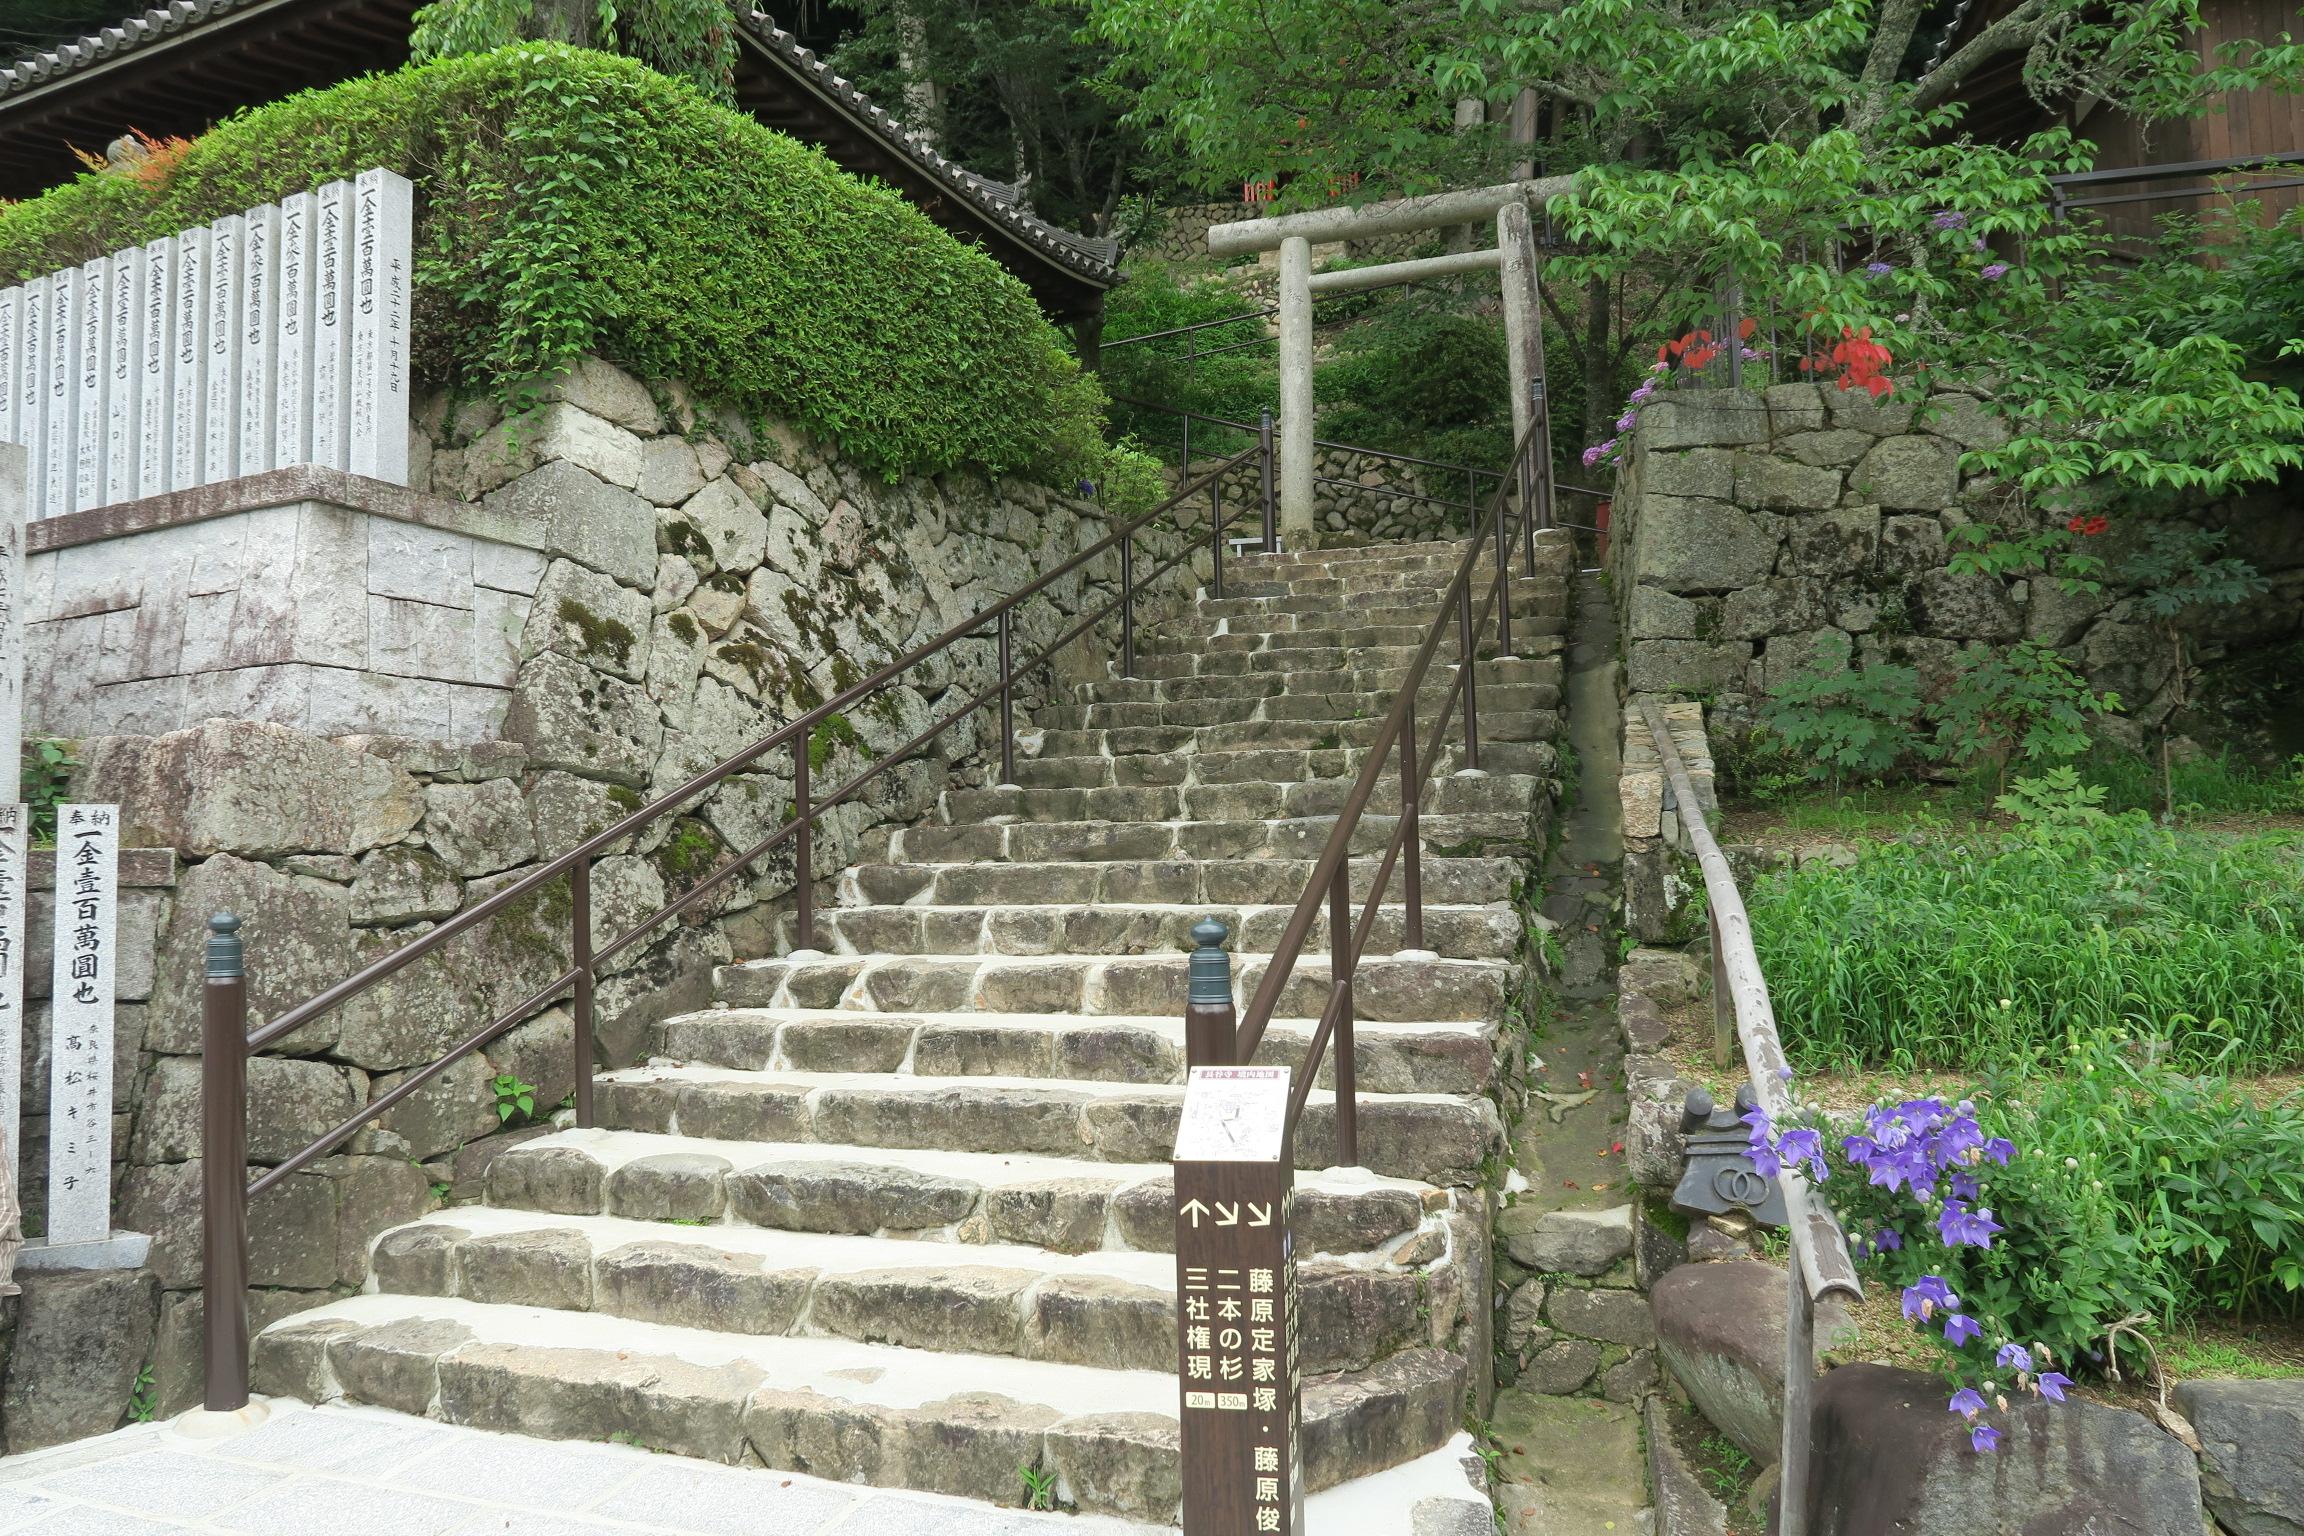 この階段を登ると三社権現が鎮座しています。